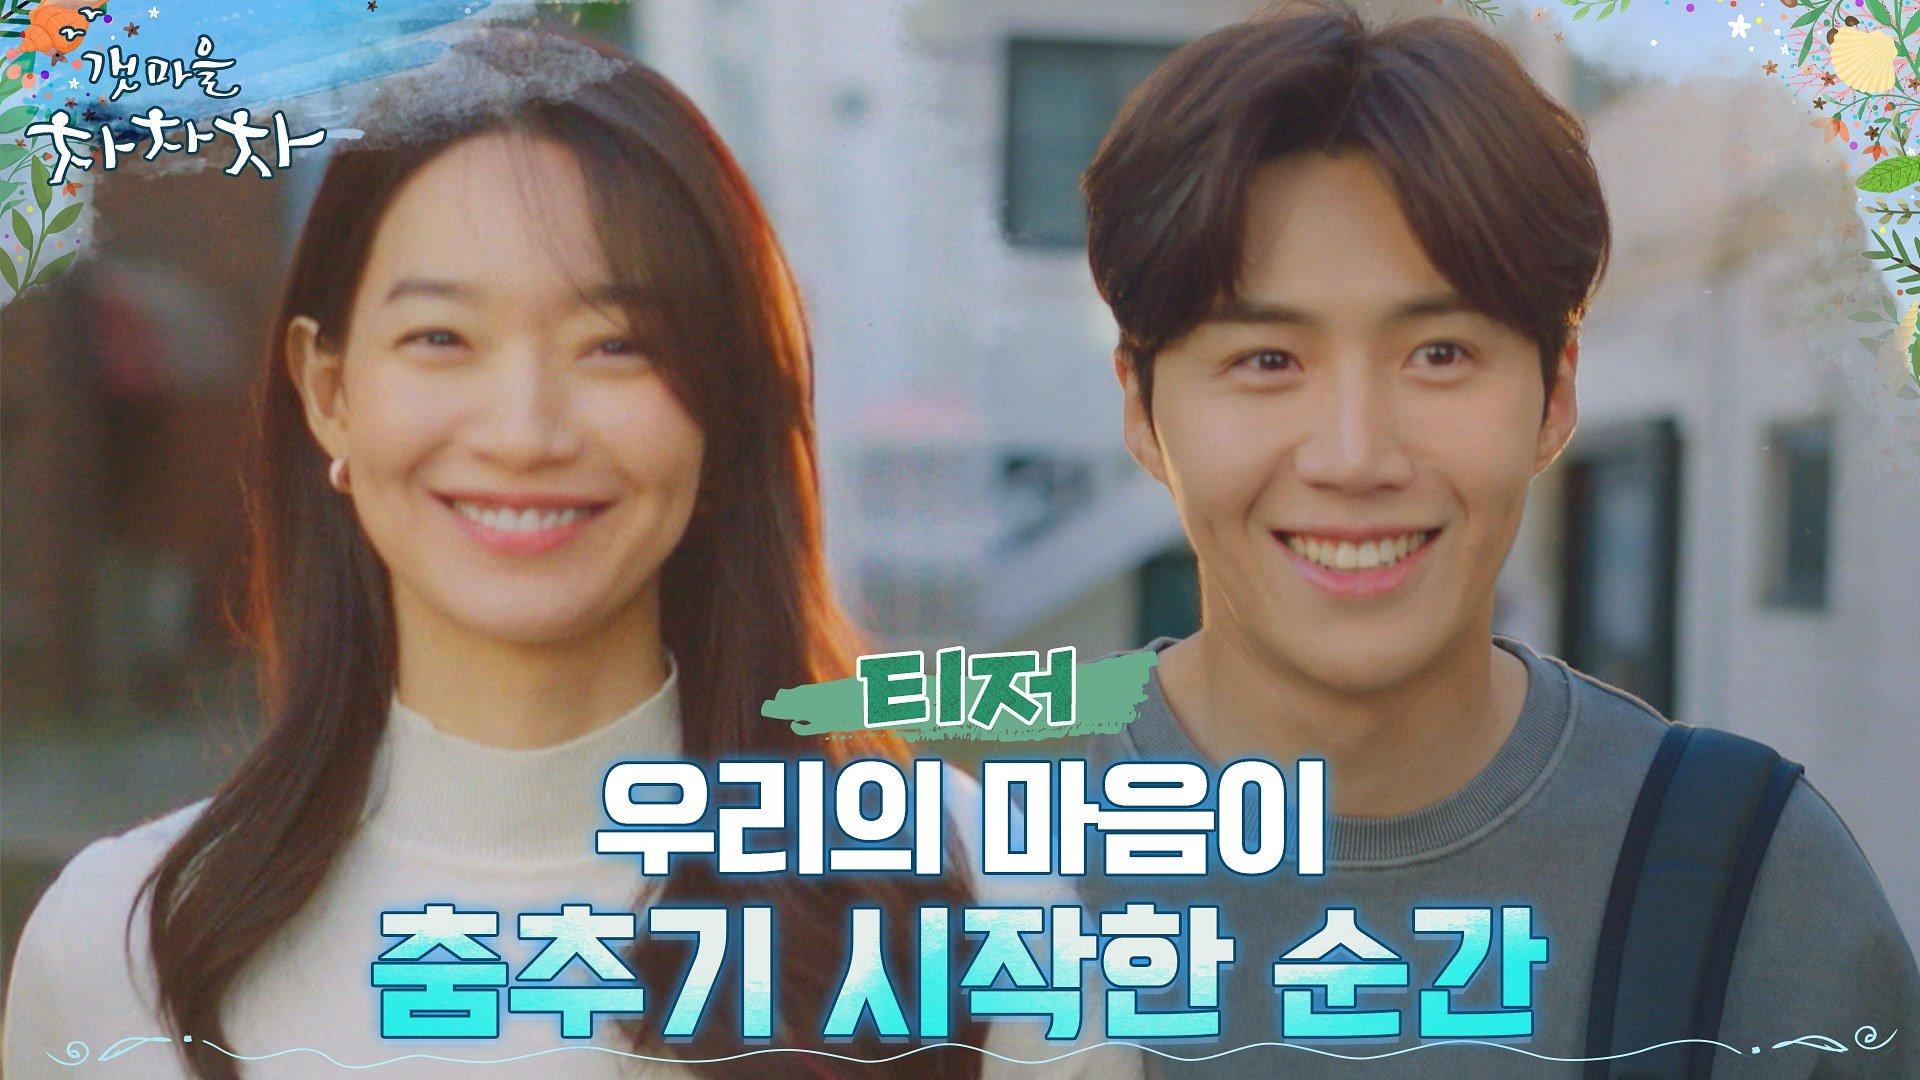 [1차 티저] 신민아X김선호, 우리의 마음이 춤추기 시작한 순간